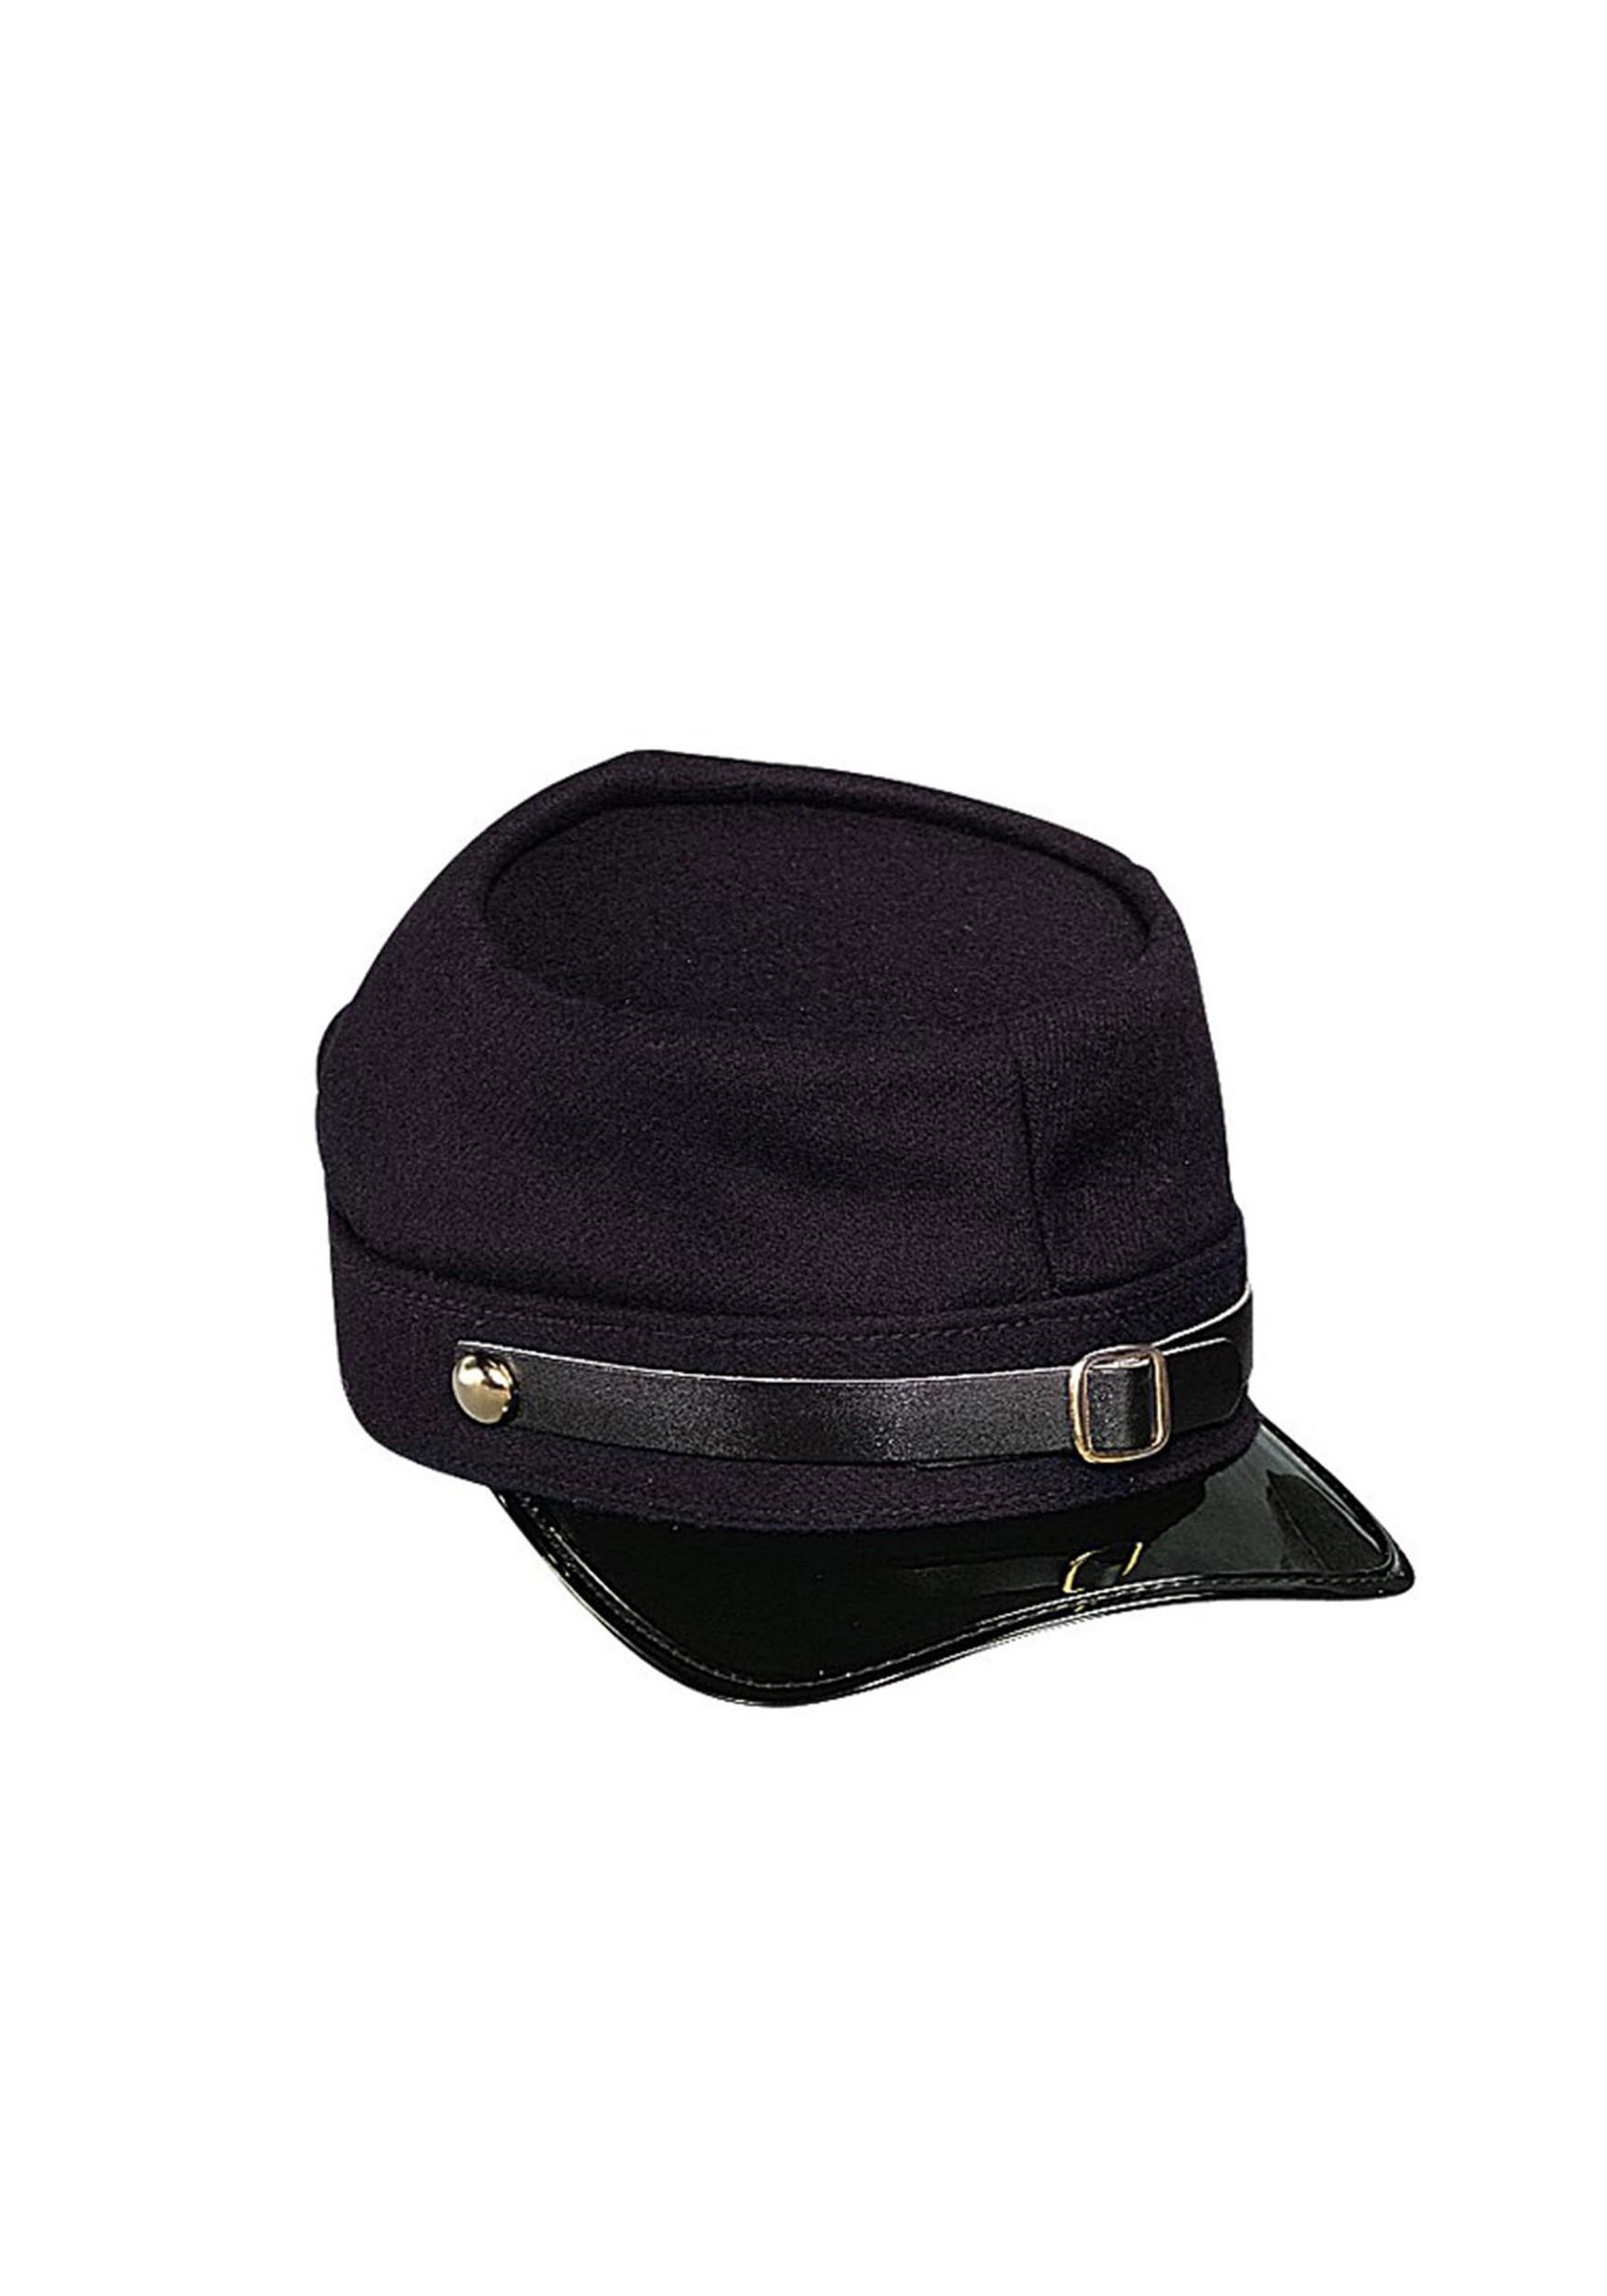 ea8e69631c7 adult-deluxe-union-kepi-hat-.jpg